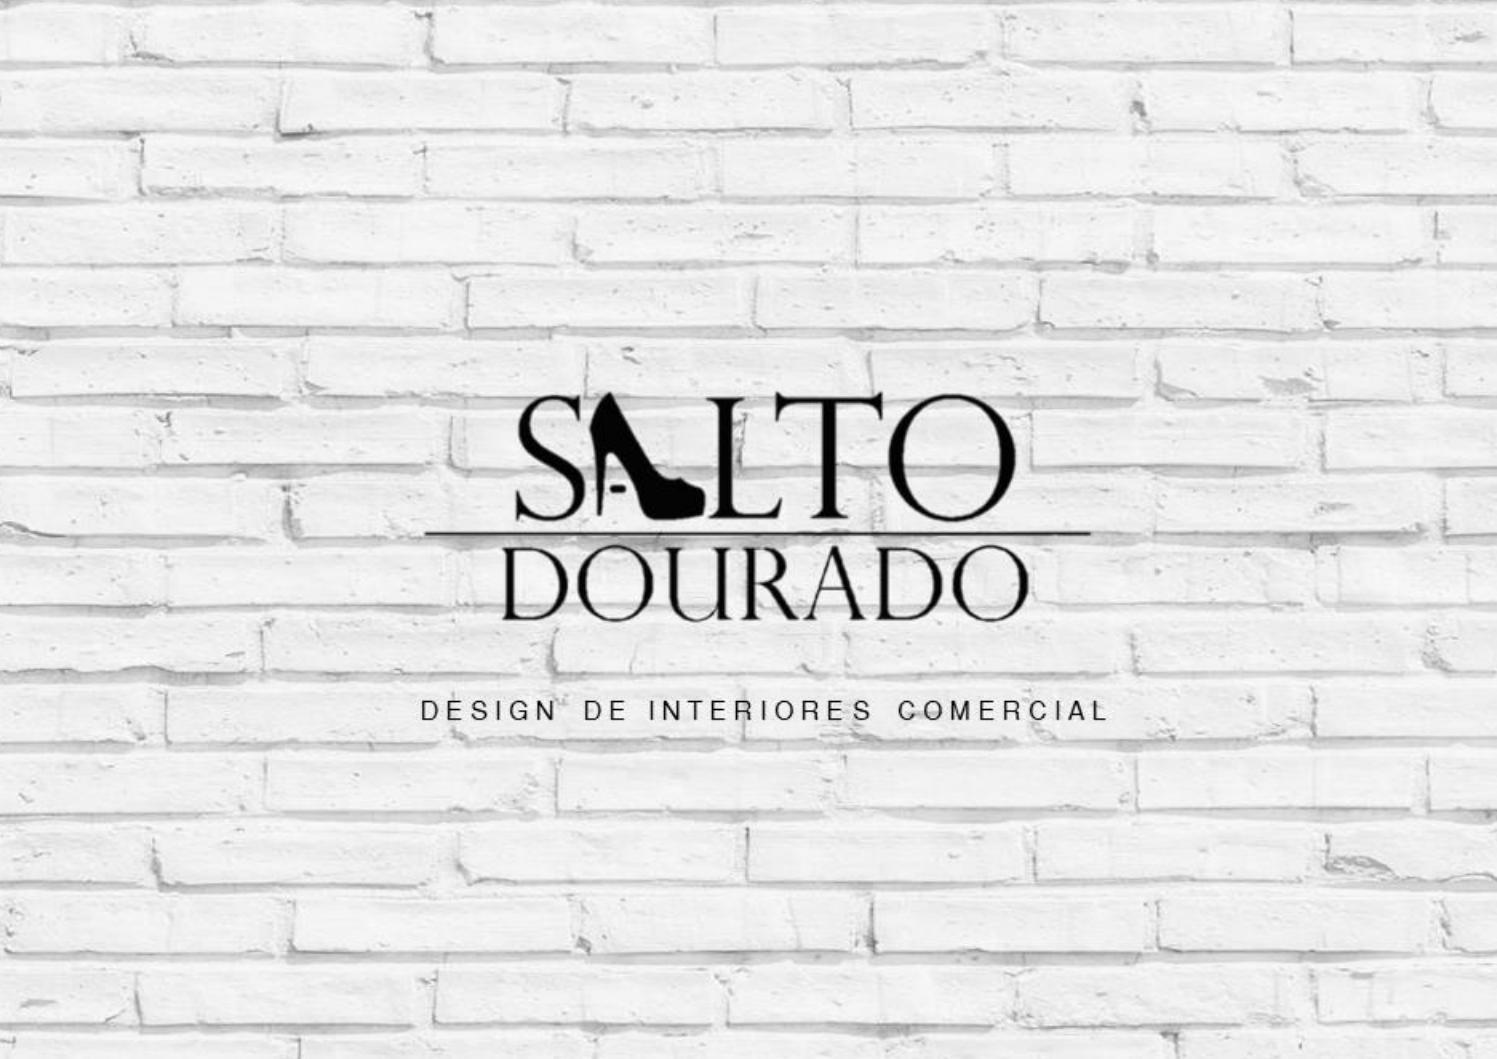 Loja Salto Dourado Design De Interiores Comercial By Natalia Salvatore Issuu